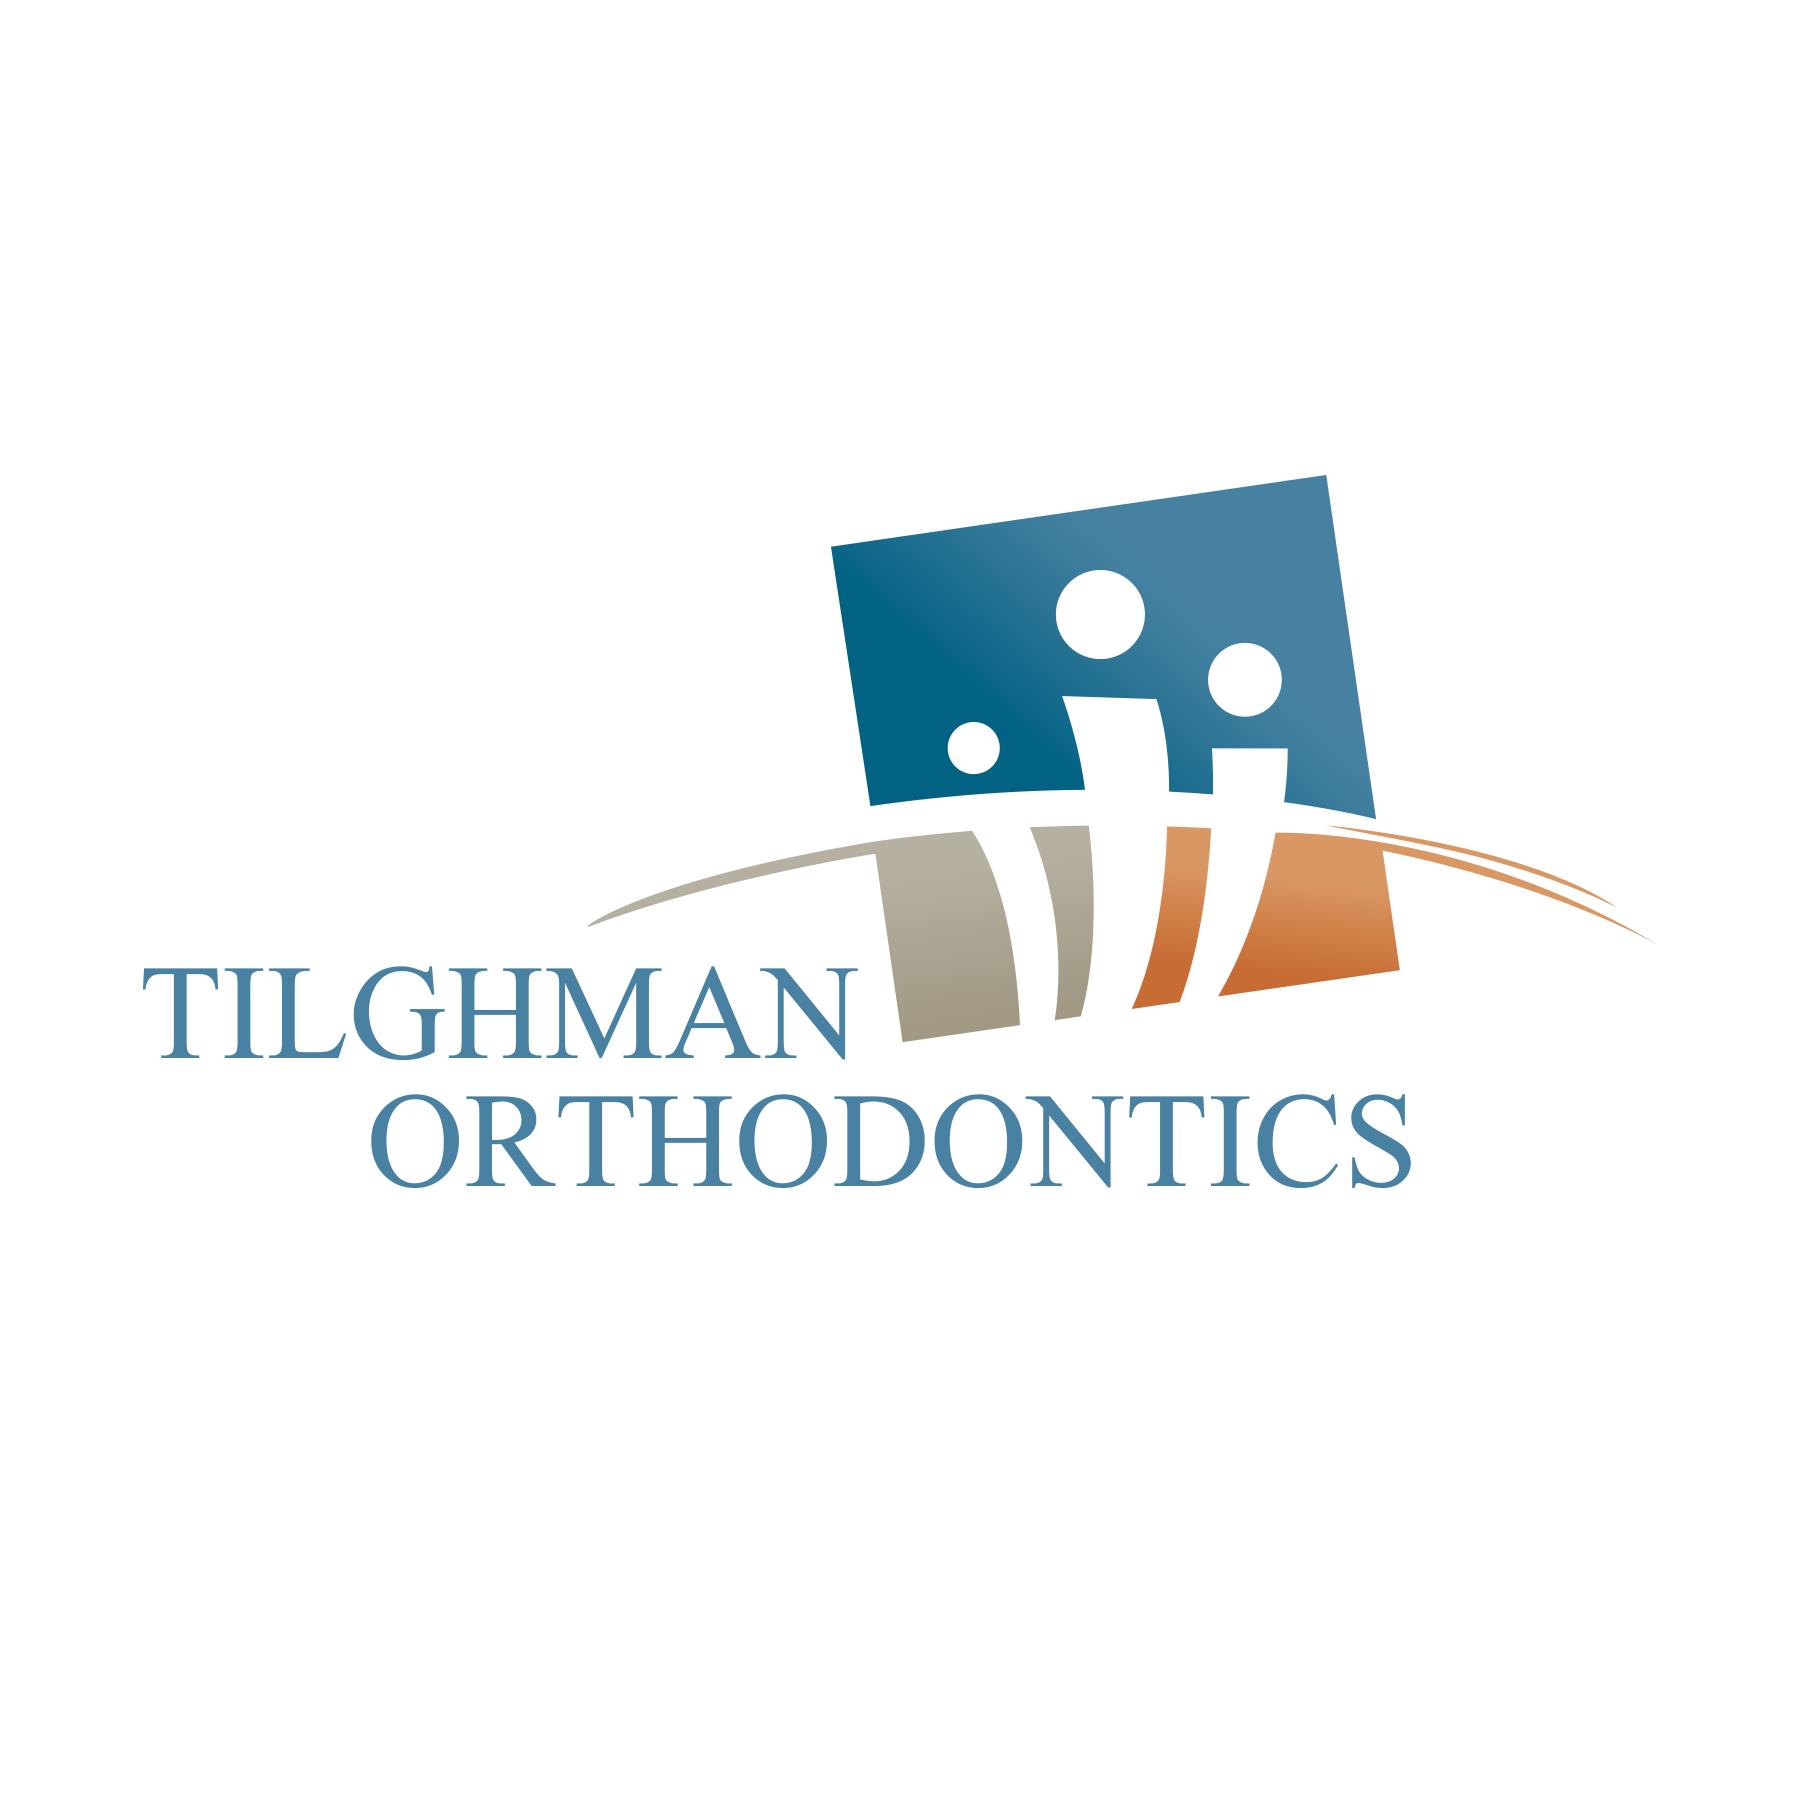 Tilghman Orthodontics